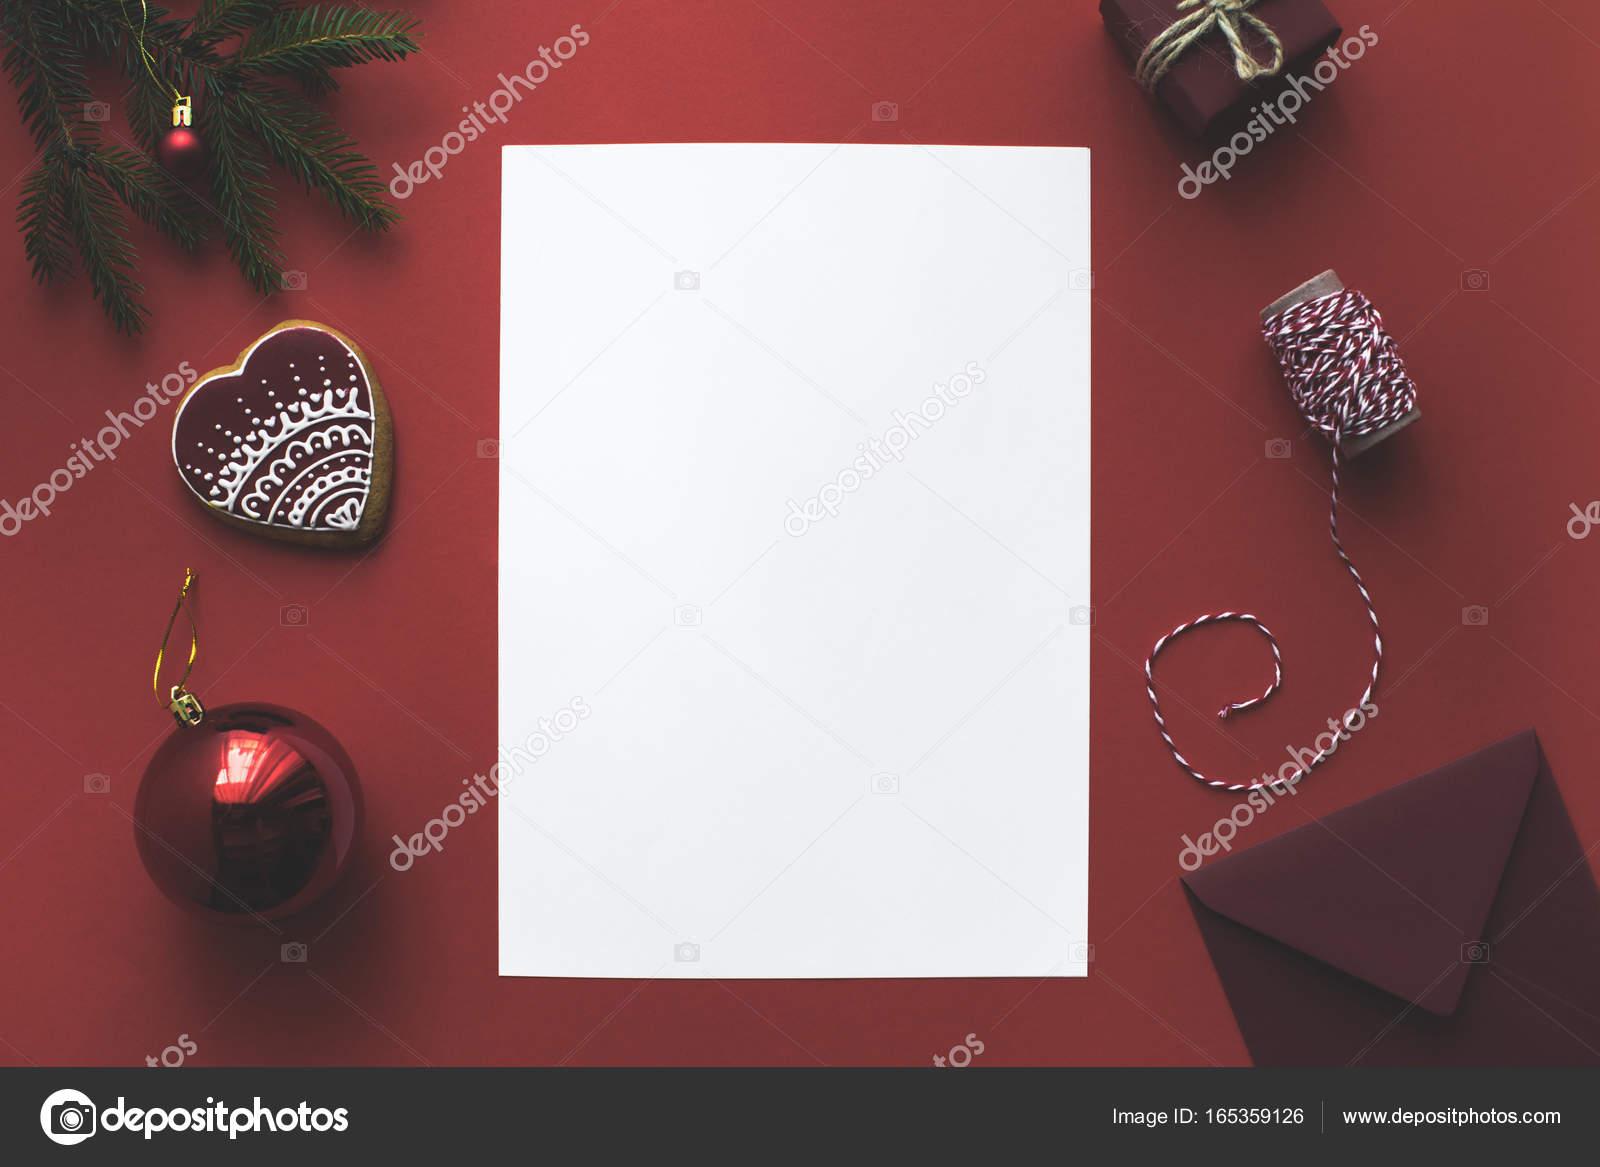 Grußkarte mit Weihnachtsschmuck — Stockfoto © AntonMatyukha #165359126